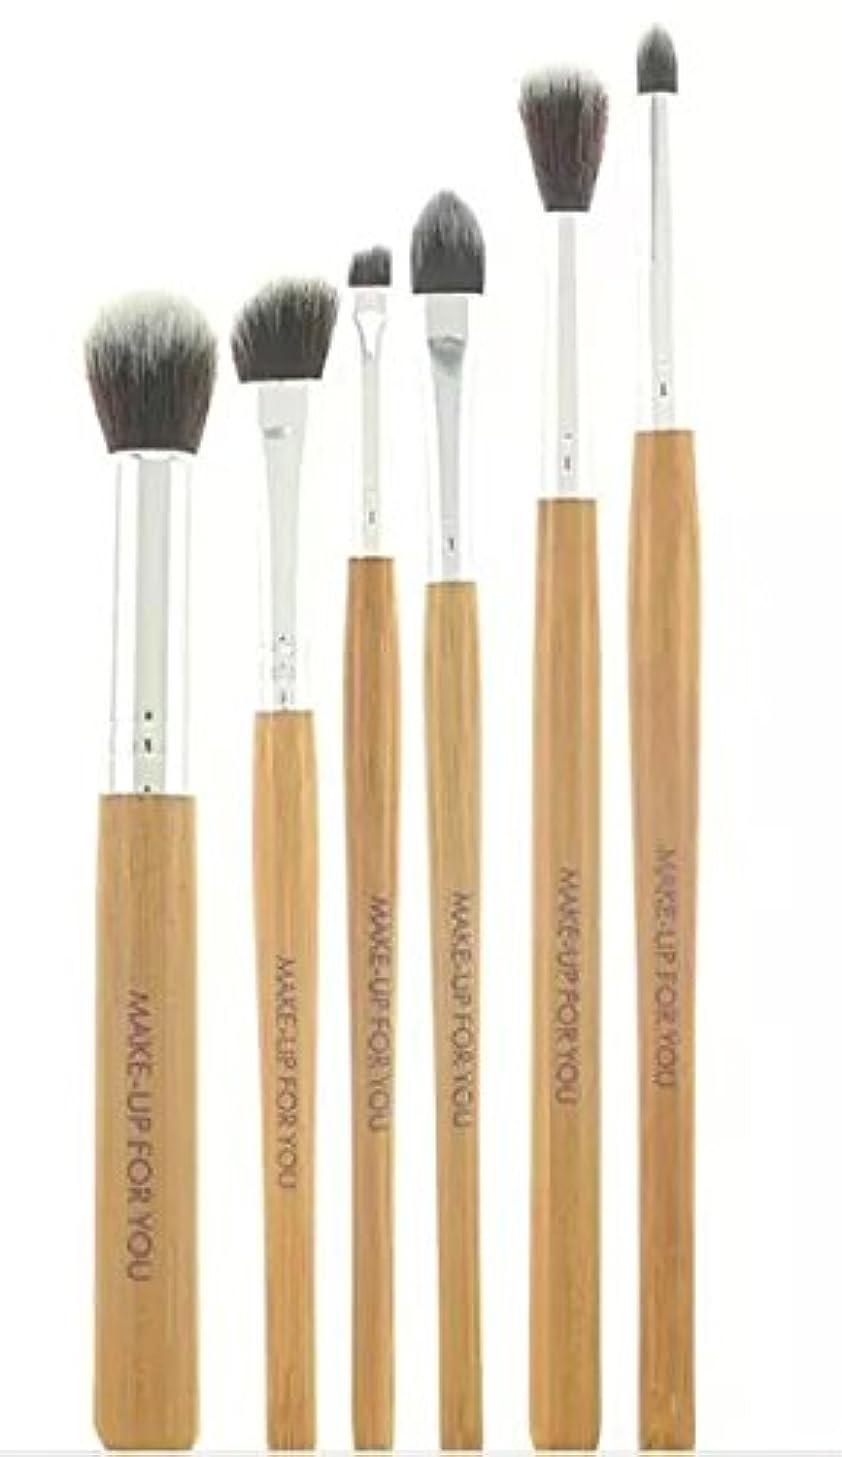 グループ遺伝的色合い(メイクアップエーシーシー) MakeupAccアイメイクブラシ6本セット 化粧筆 バンブー 柔らかい繊維 [並行輸入品]